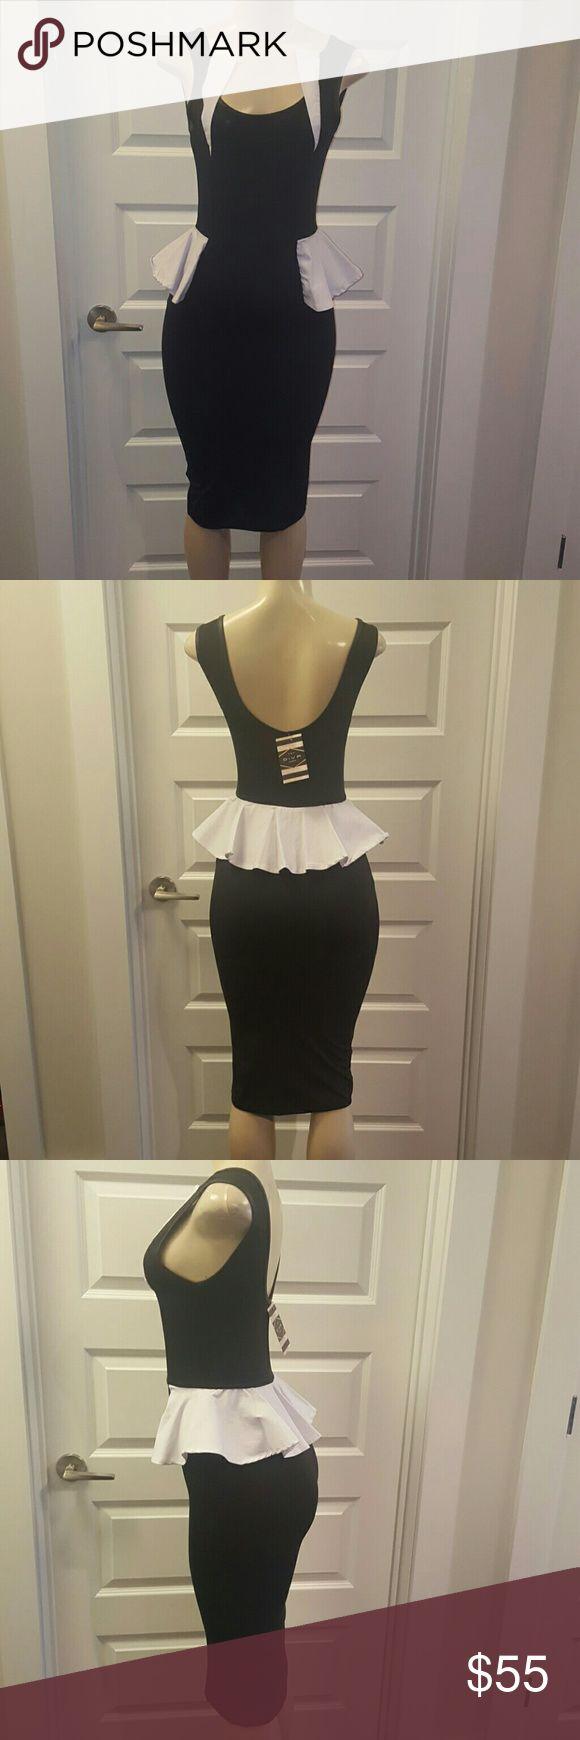 NEW Black & White Peplum Midi Dress Chic Midi Peplum black & white dress Dresses Midi